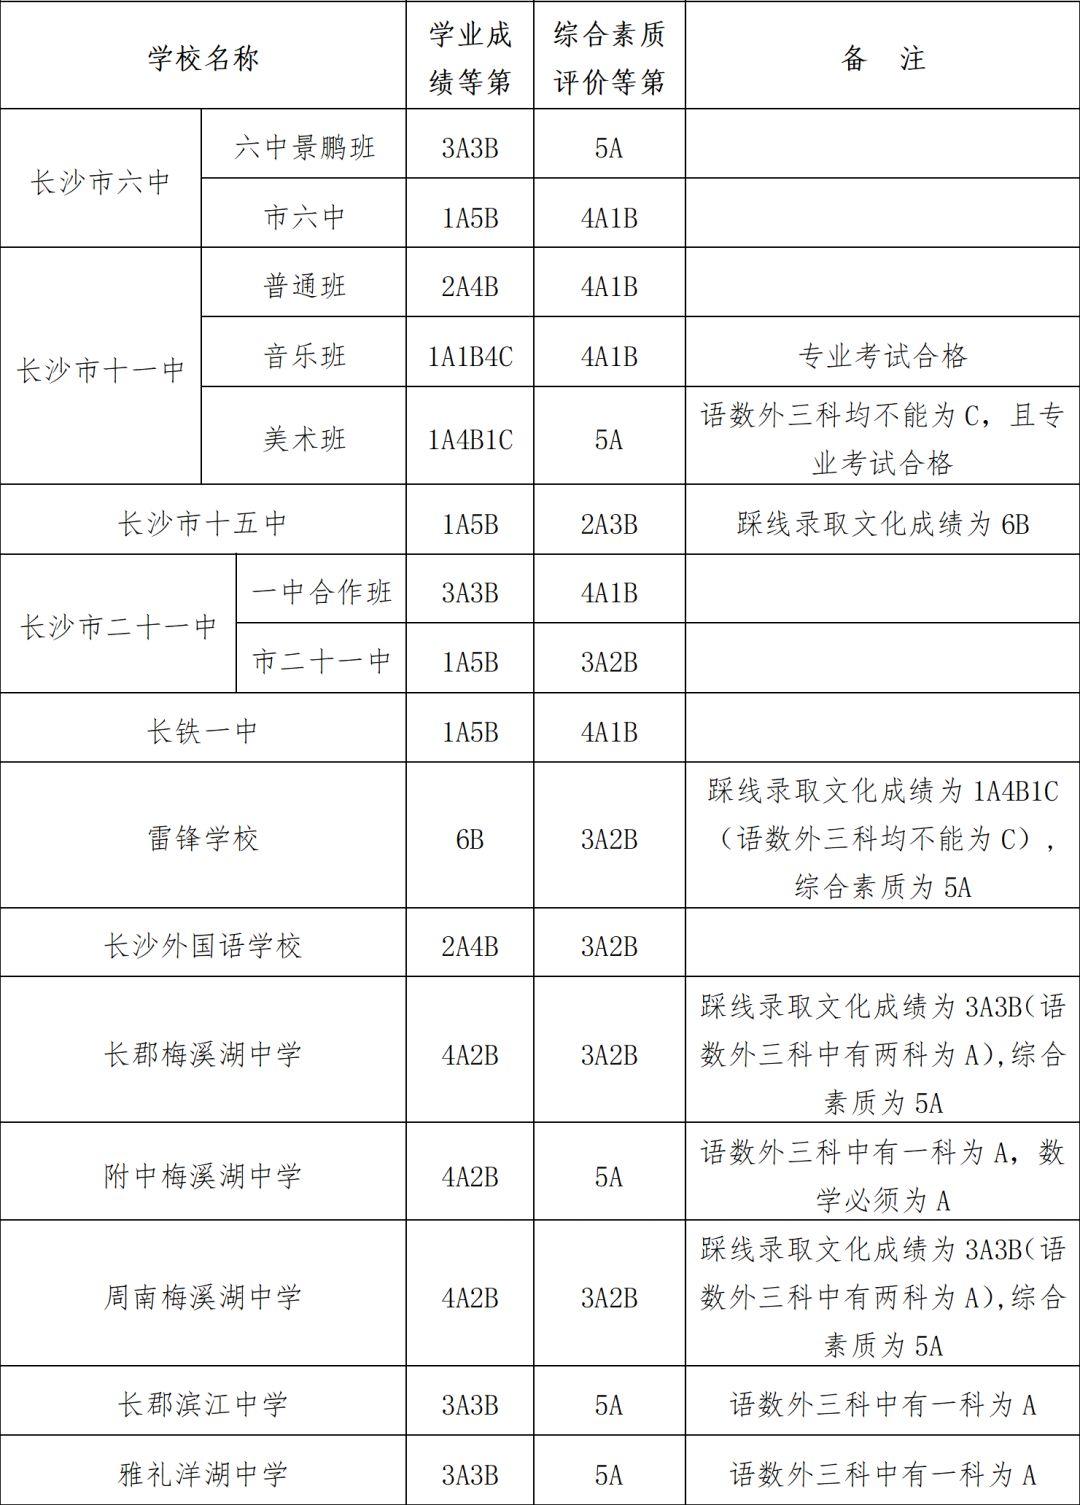 长沙市高中2018函数二批普通高中录取控制线出炉城区年第类型图片